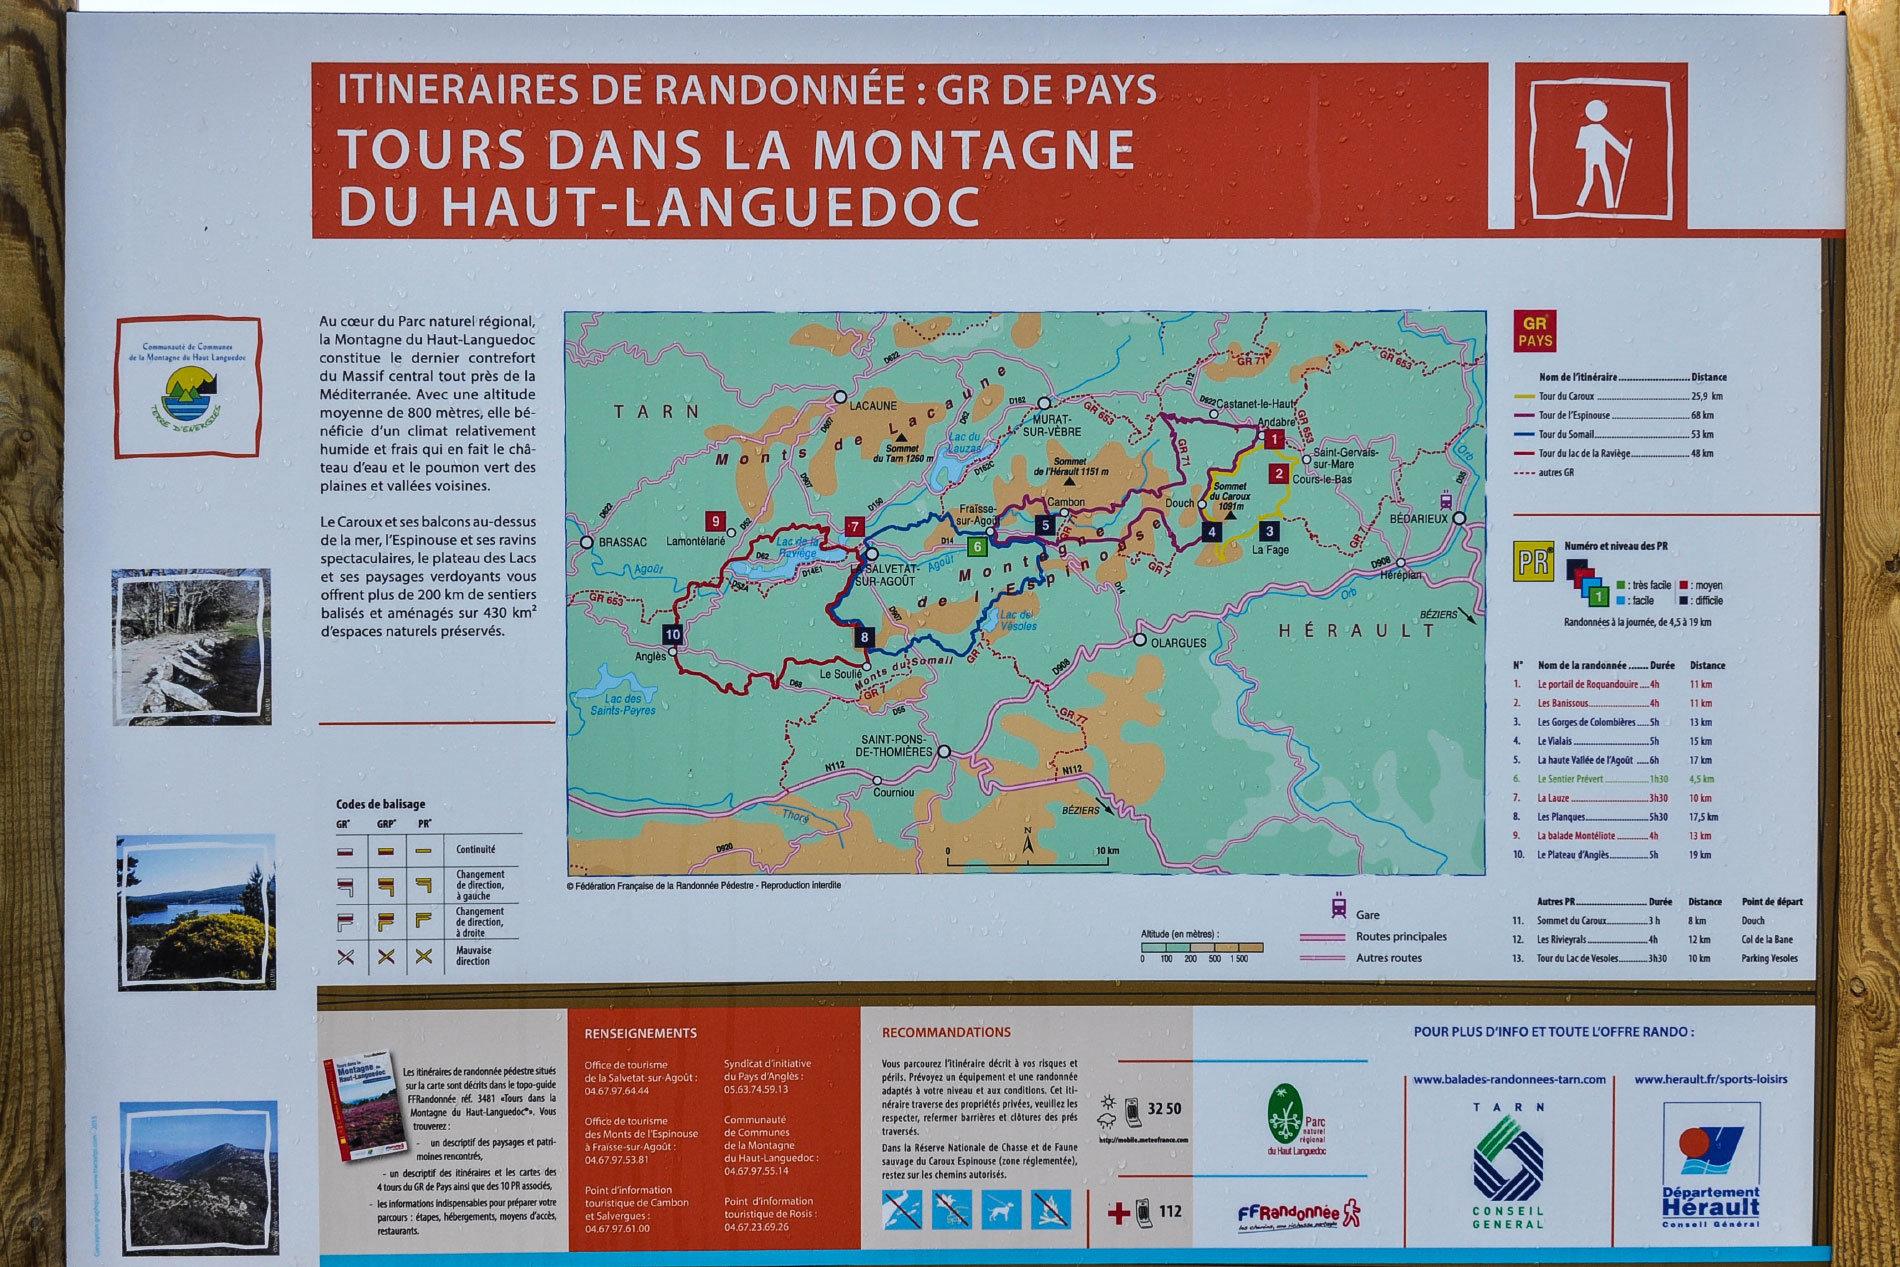 Randonnées en Haut Languedoc. Carte des itinéraires du GR de Pays Tour de la Montagne du Haut Languedoc